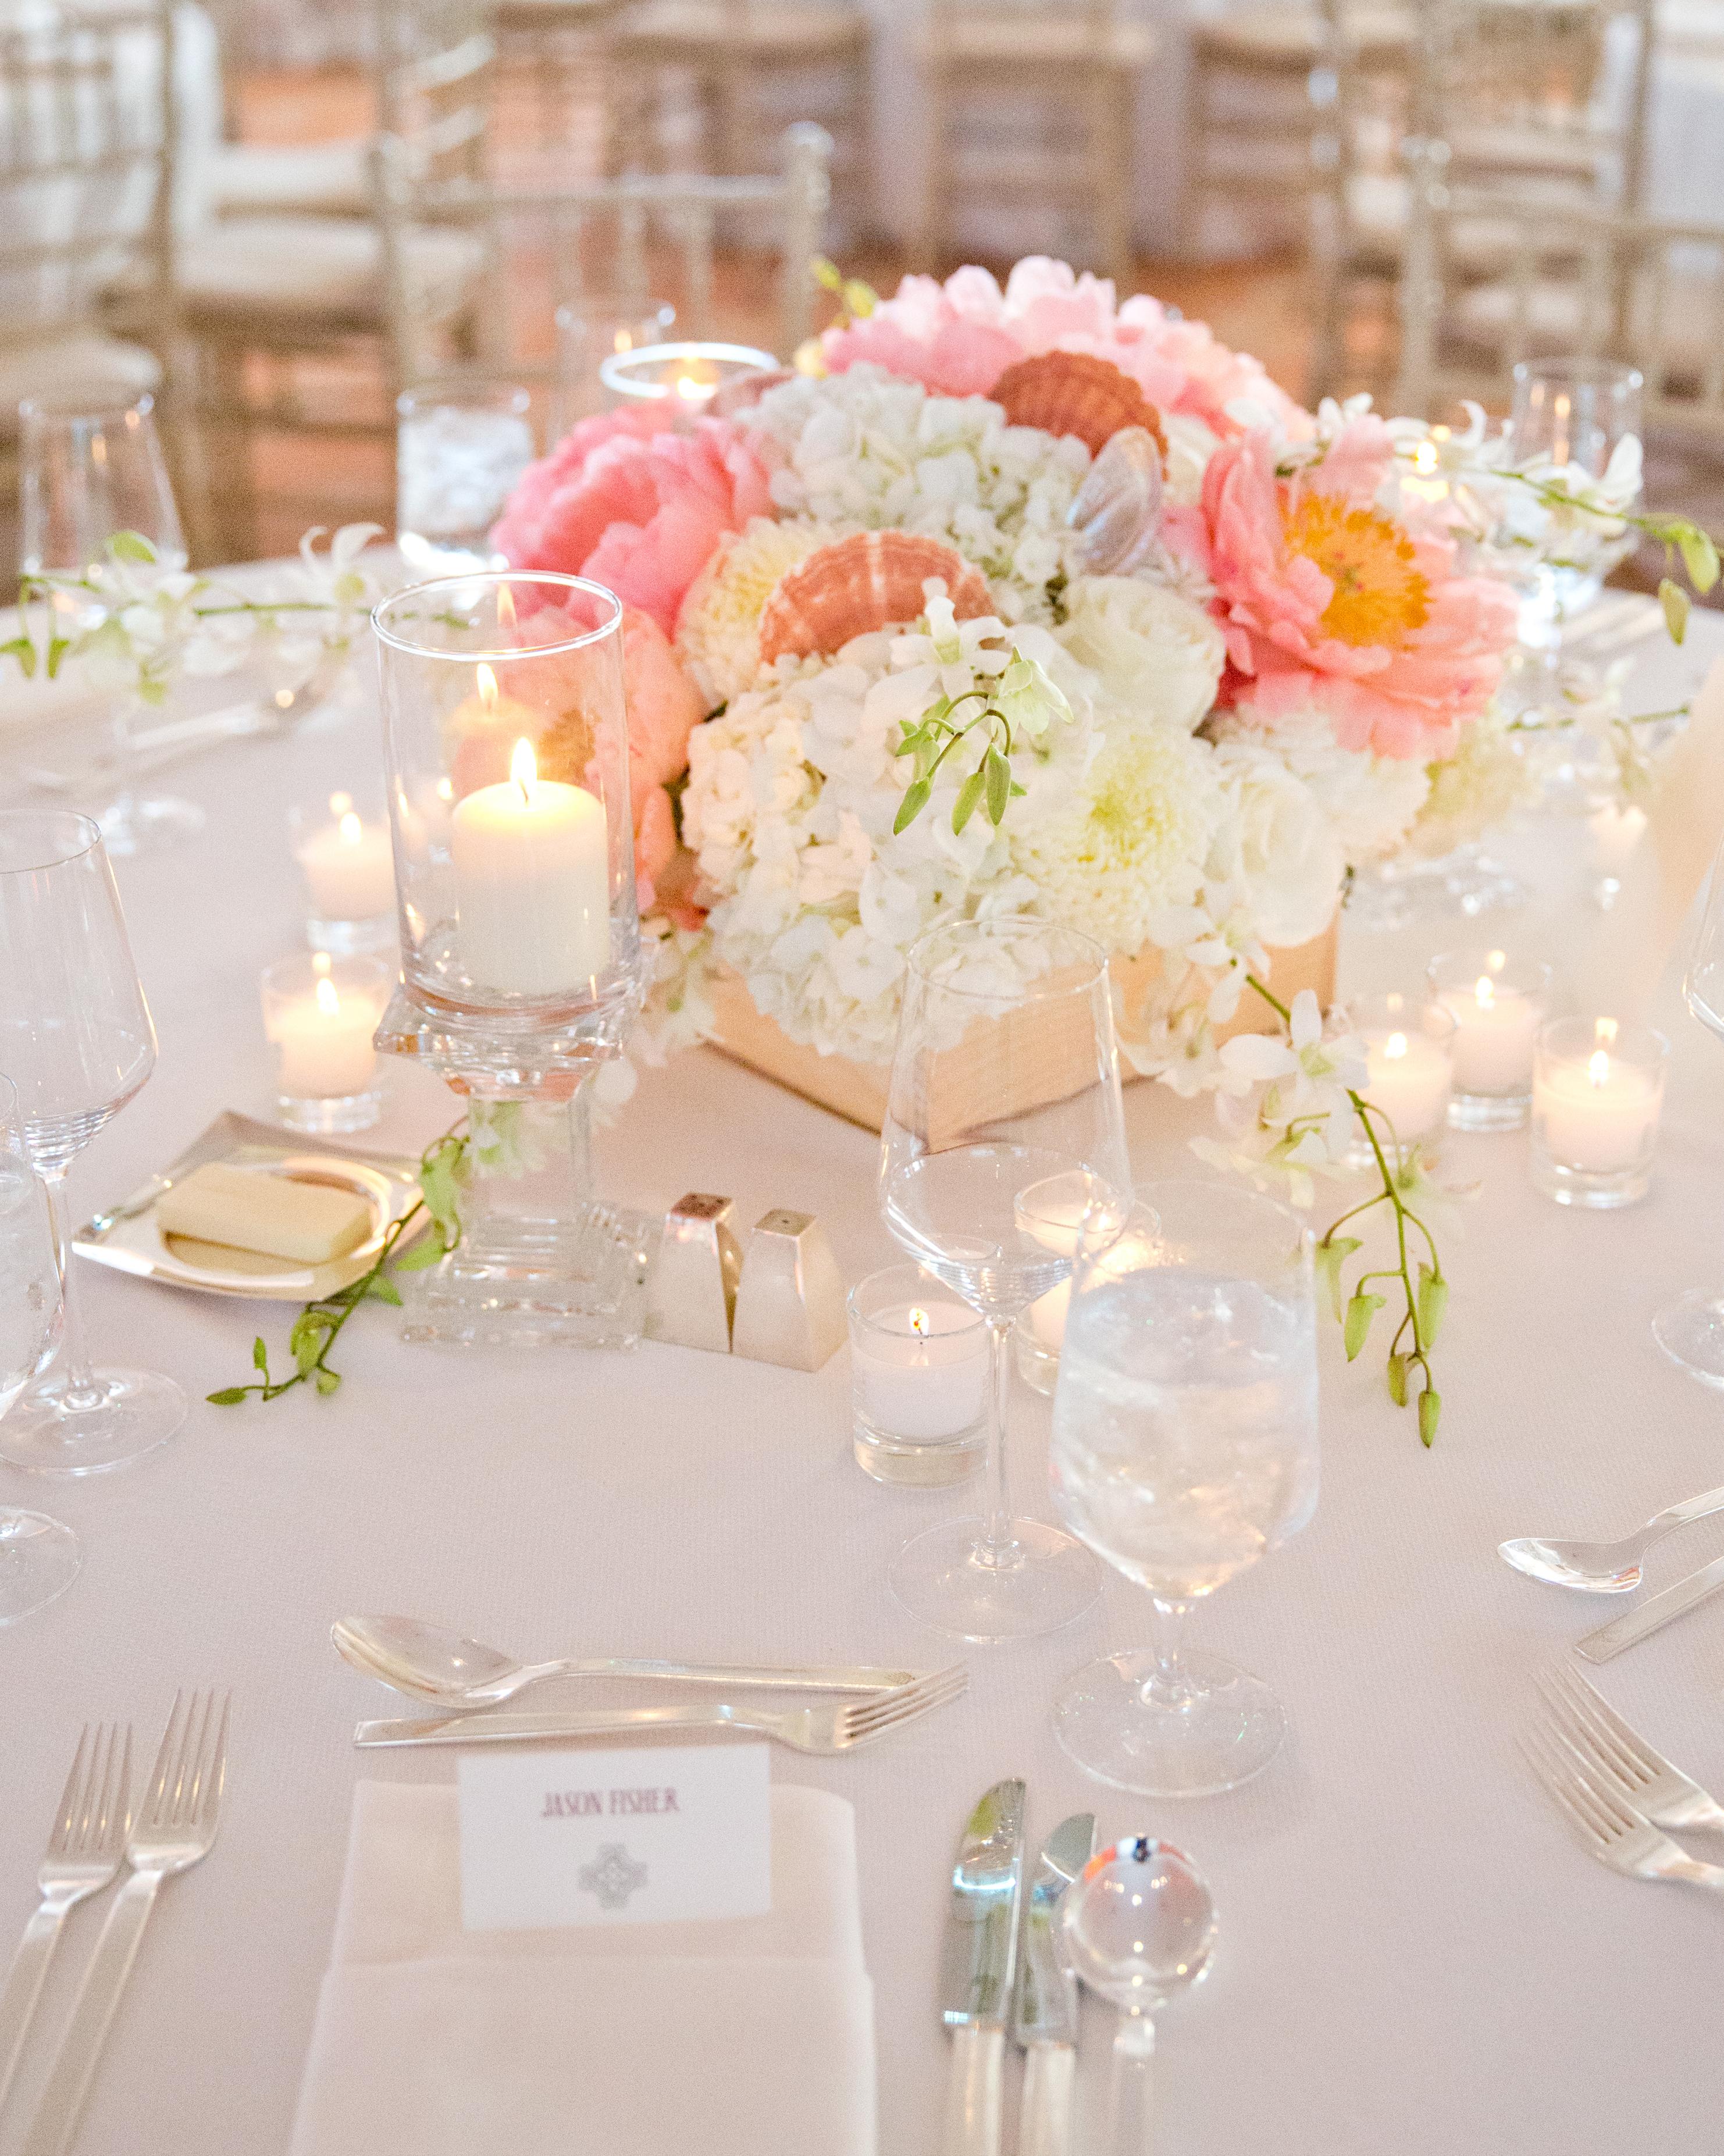 tiffany-david-california-wedding-0148-s112348.jpg